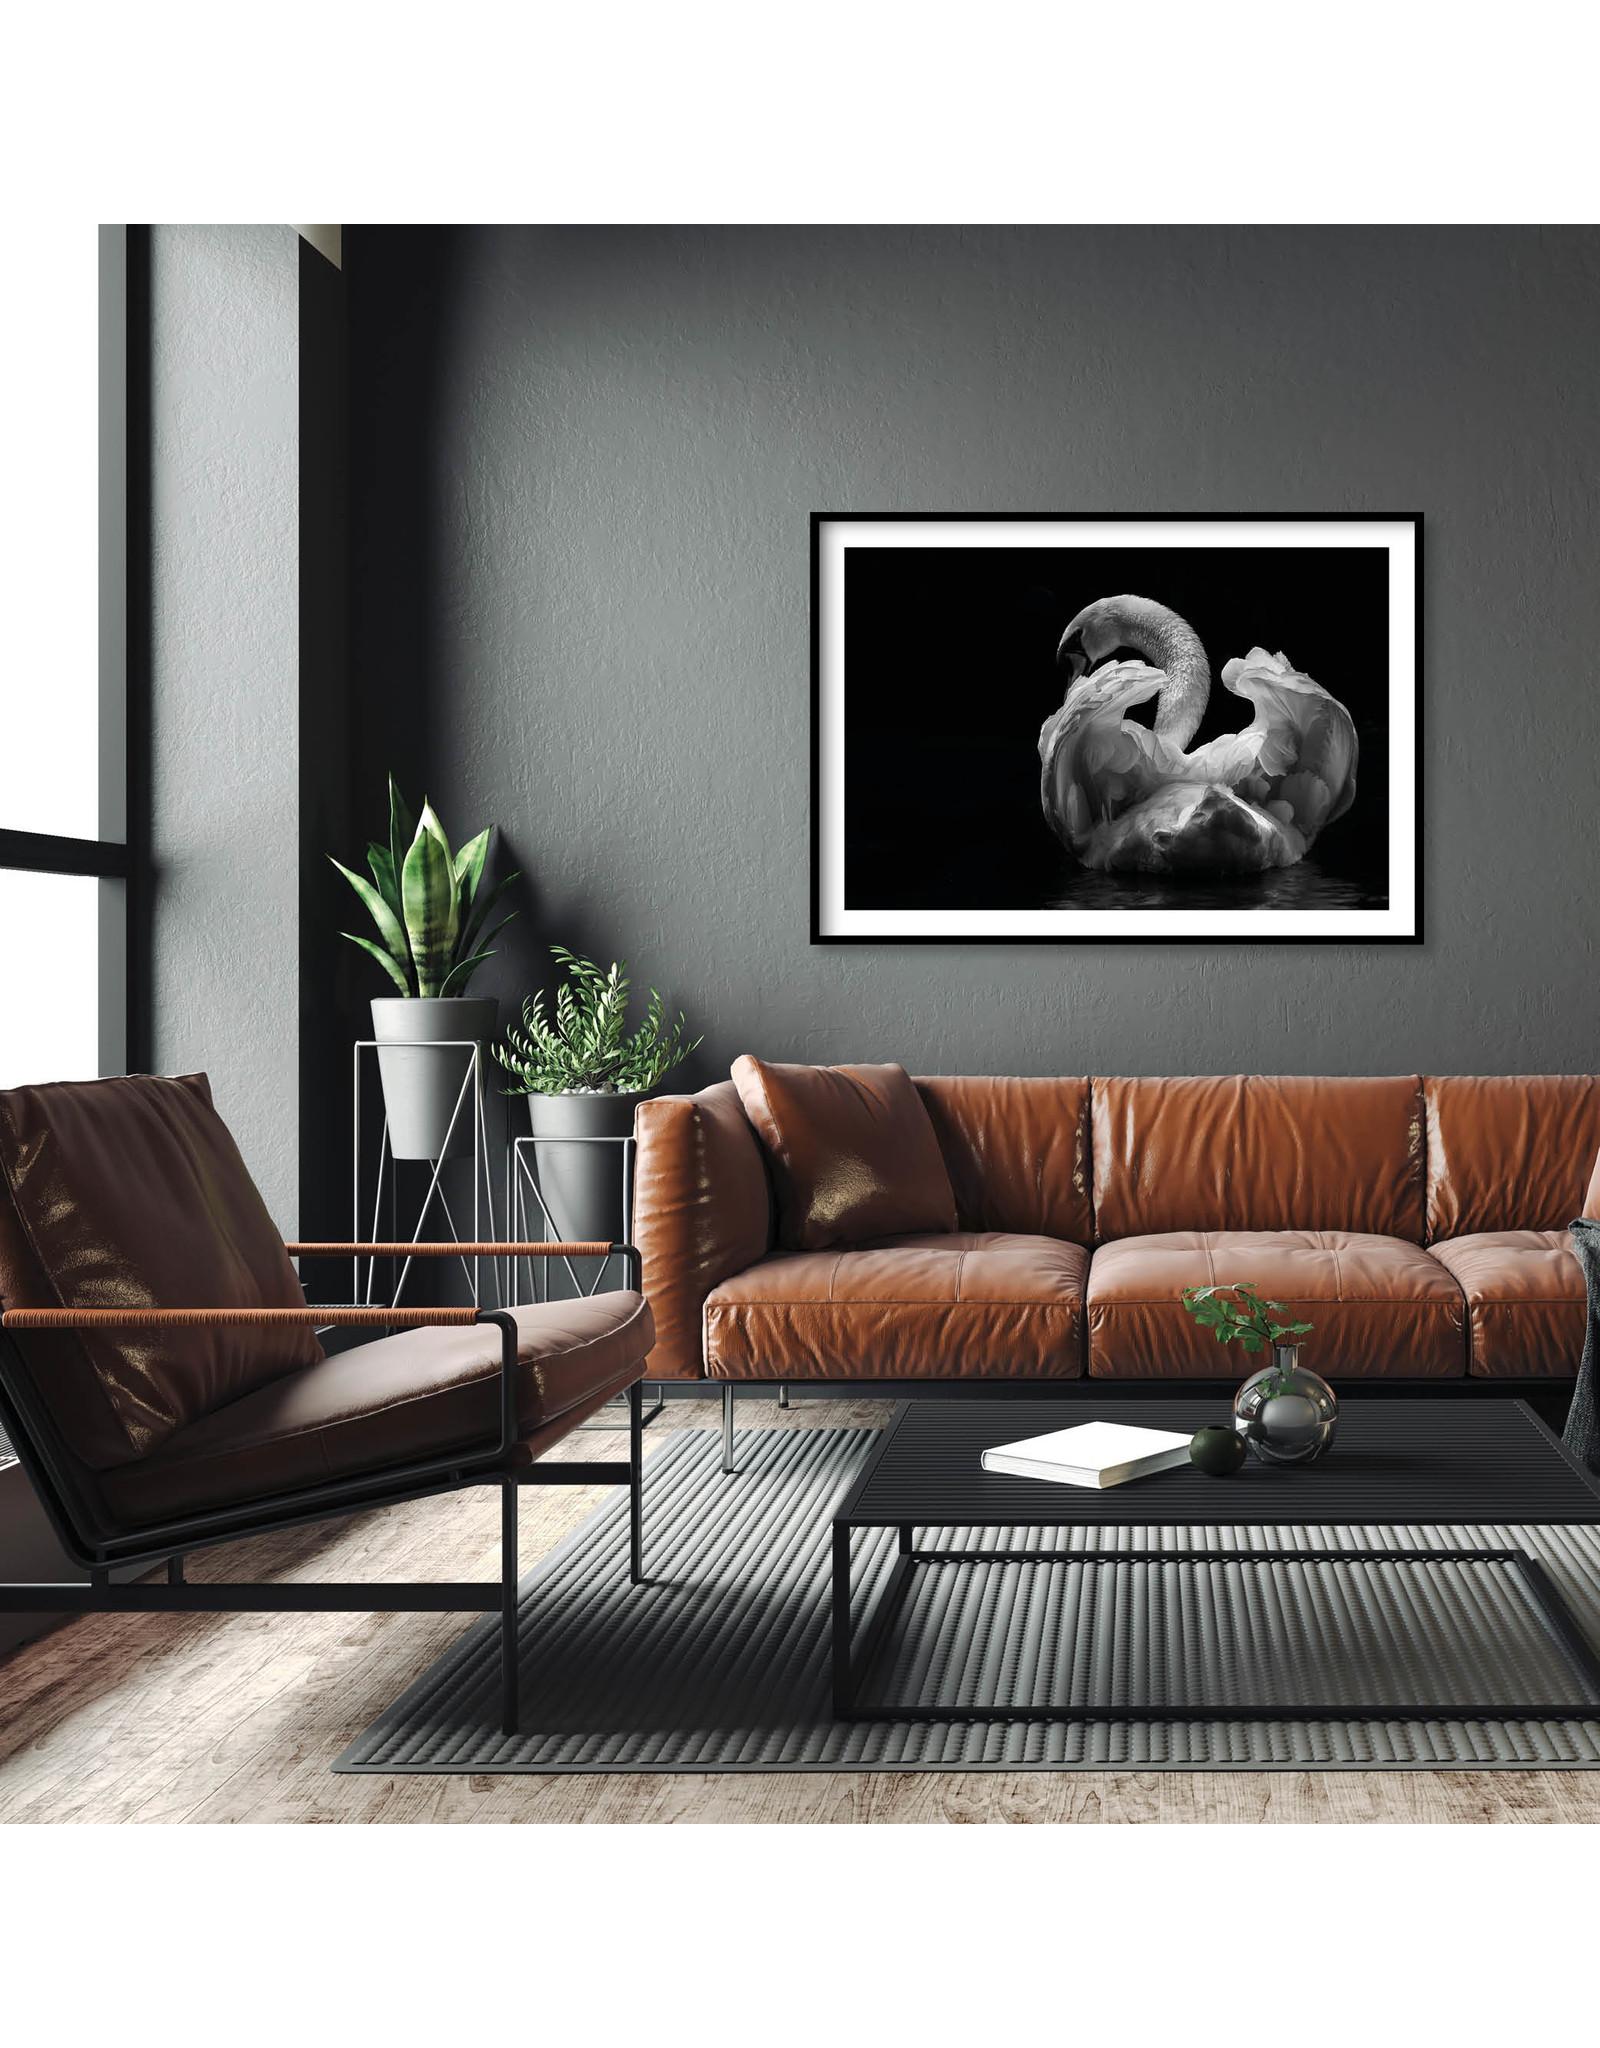 Dunnebier Home Poster Zwaan op zwarte achtergrond